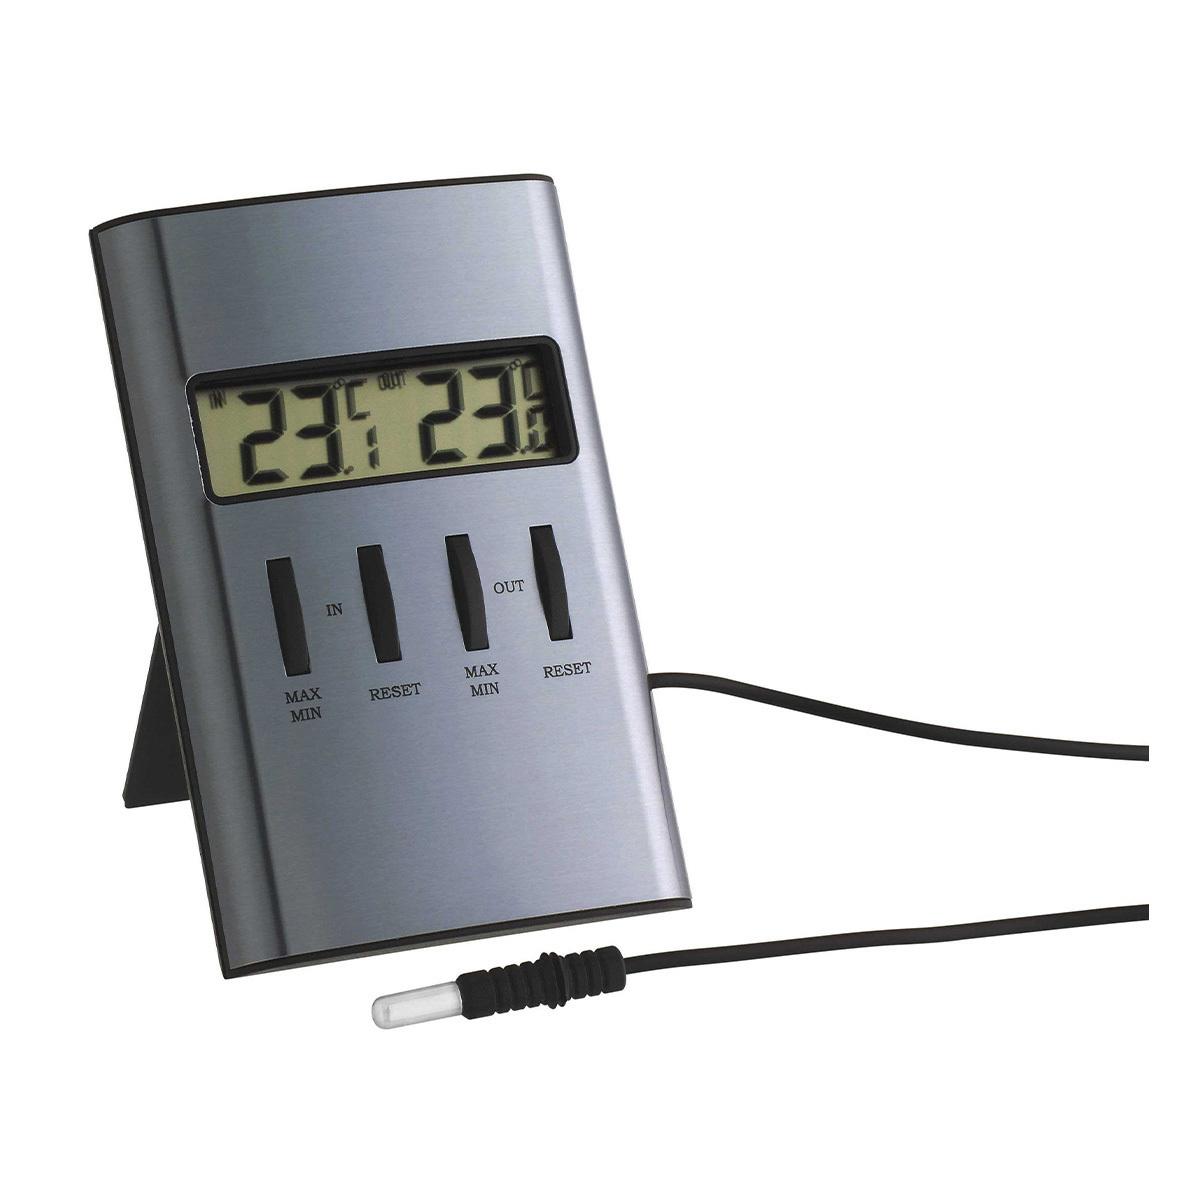 30-1029-digitales-innen-aussen-thermometer-1200x1200px.jpg